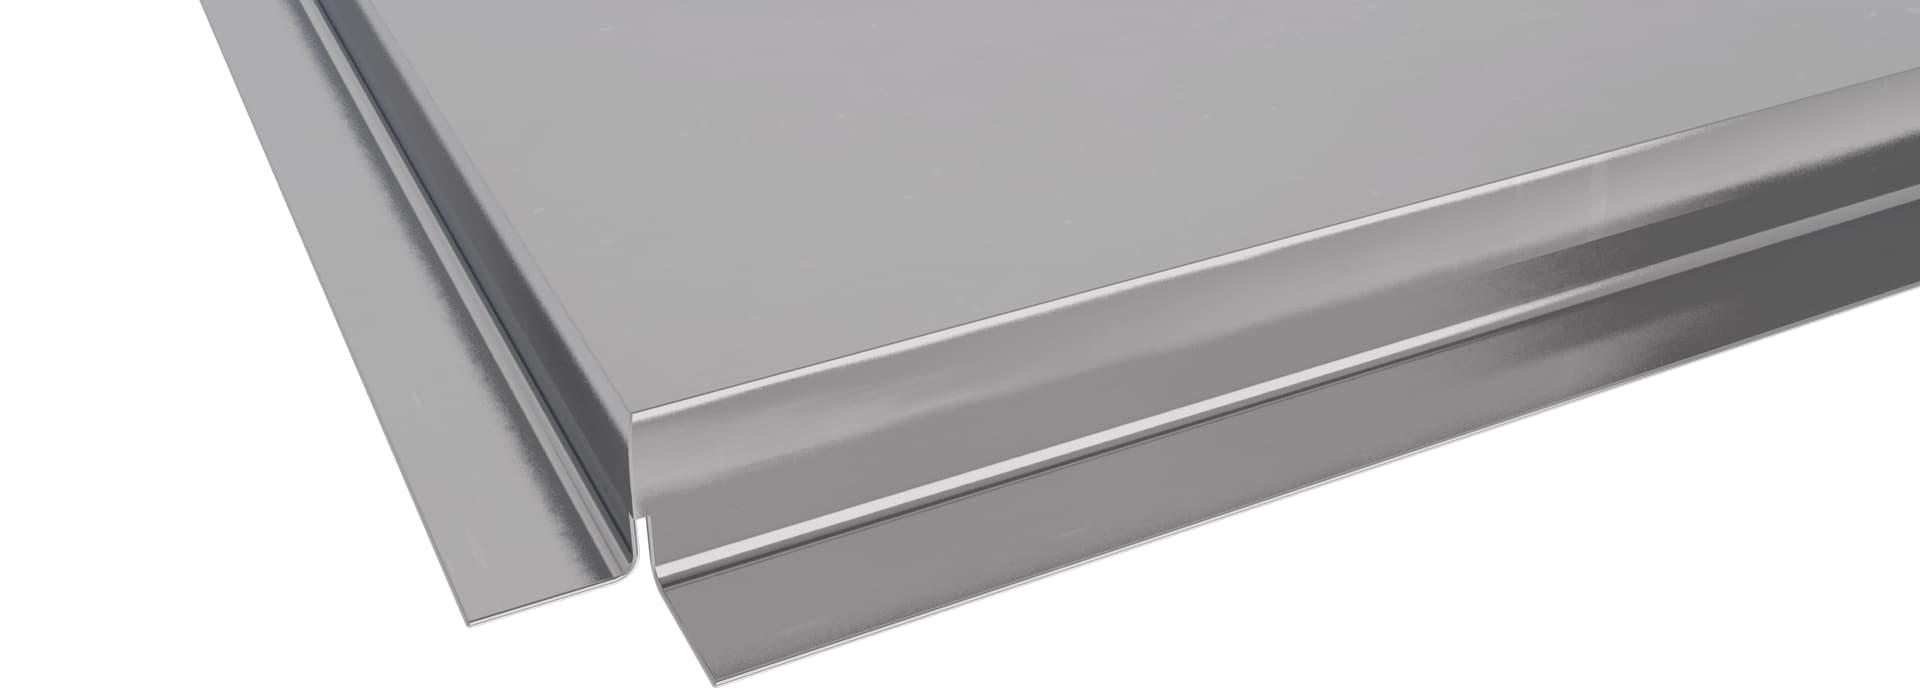 Технічні характеристики стельових плит фото 1